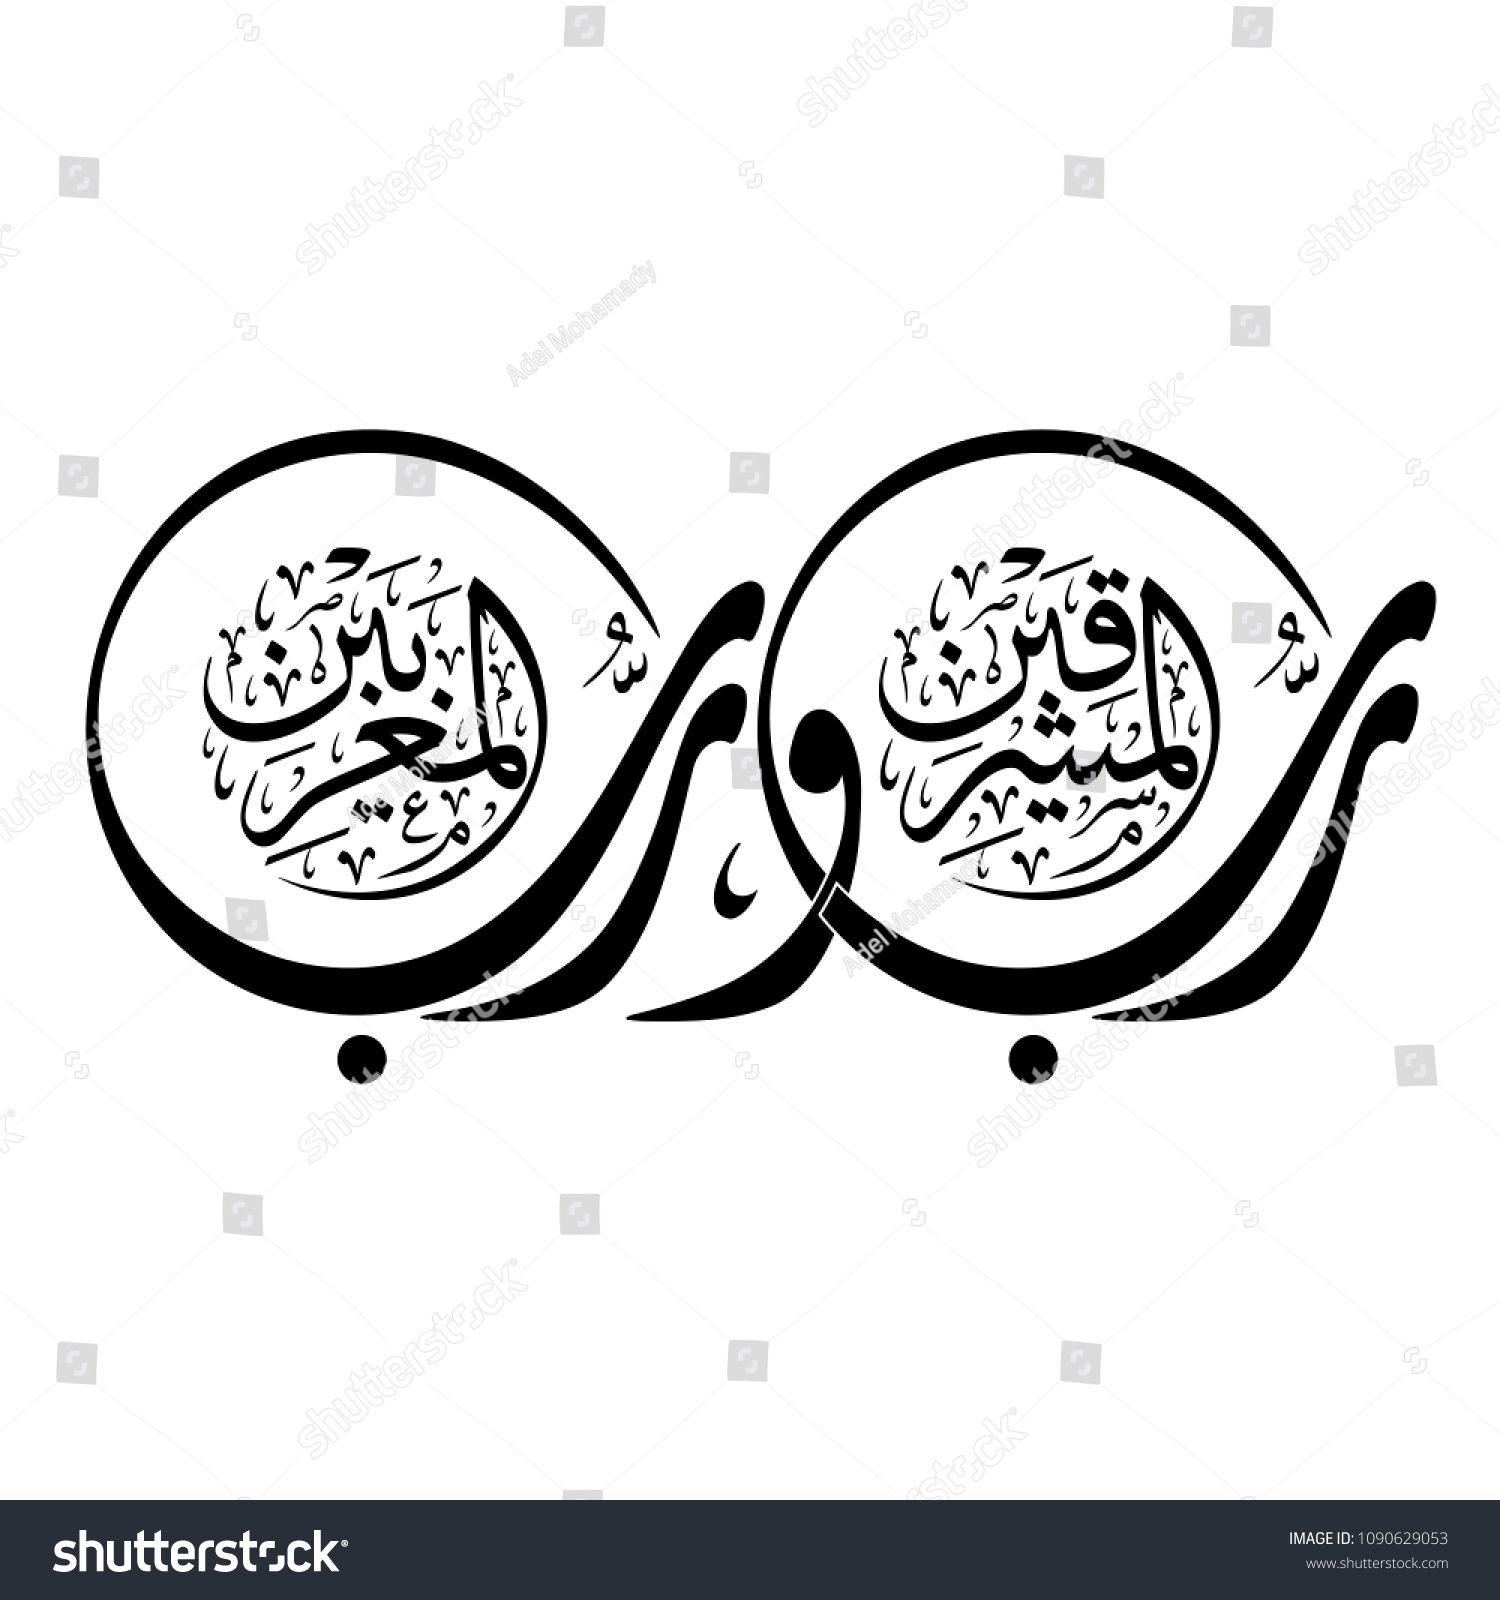 رب المشرقين ورب المغربين Calligraphy Art Calligraphy Islamic Calligraphy